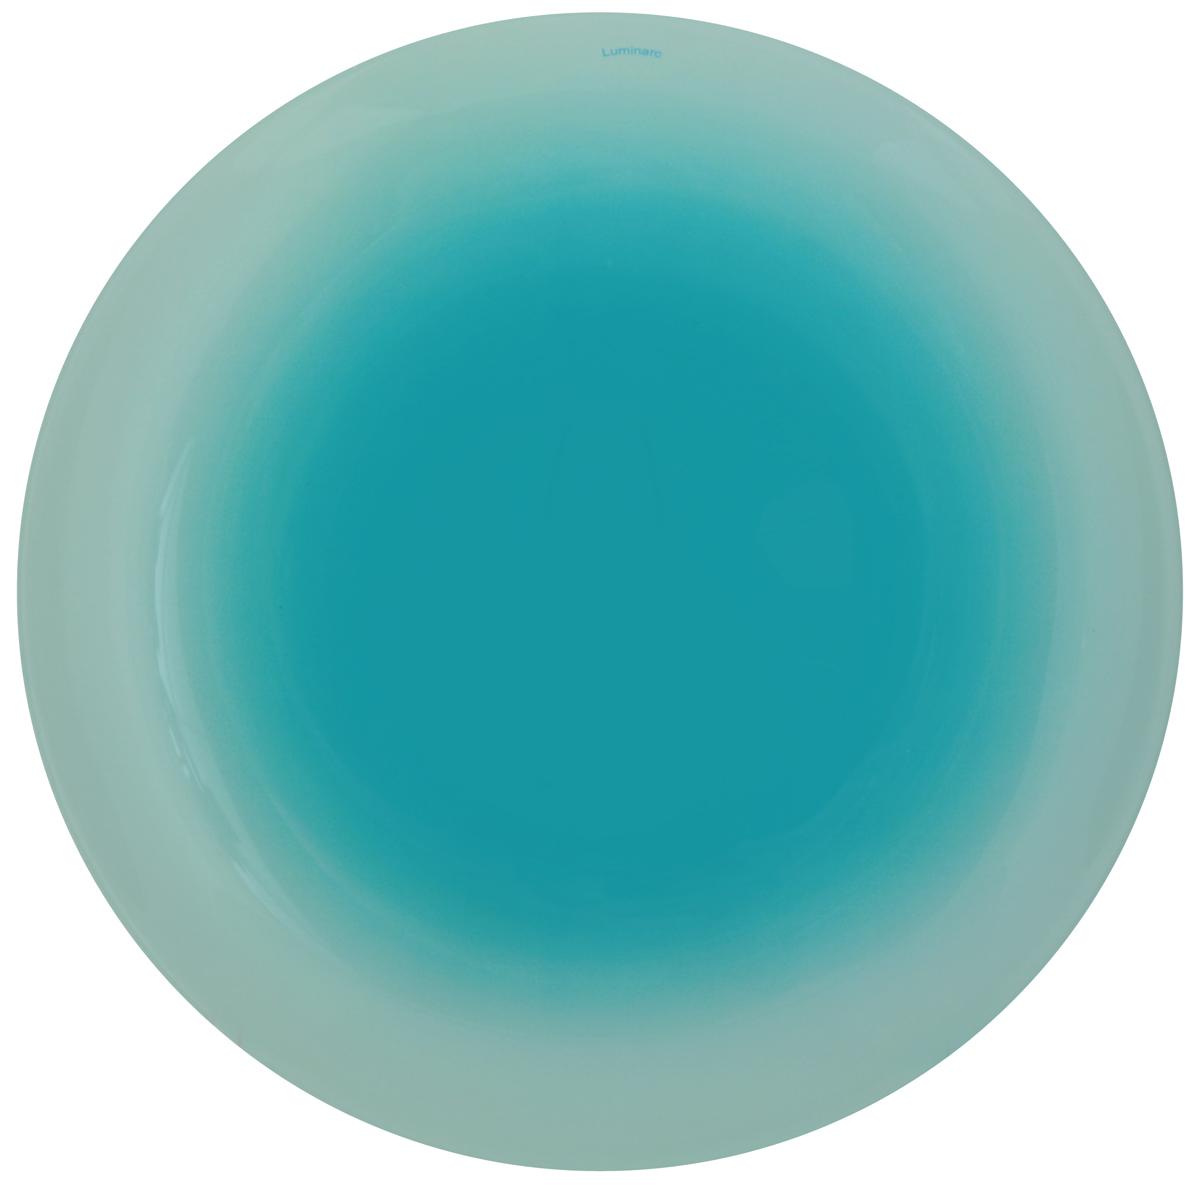 Тарелка обеденная Luminarc Fizz Frozen, диаметр 25 смH7251Обеденная тарелка Luminarc Fizz Frozen изготовлена из высококачественного стекла. Изящный дизайн придется по вкусу и ценителям классики, и тем, кто предпочитает утонченность. Тарелка Luminarc Fizz Frozen идеально подойдет для сервировки стола и станет отличным подарком к любому празднику. Диаметр: 25 см.